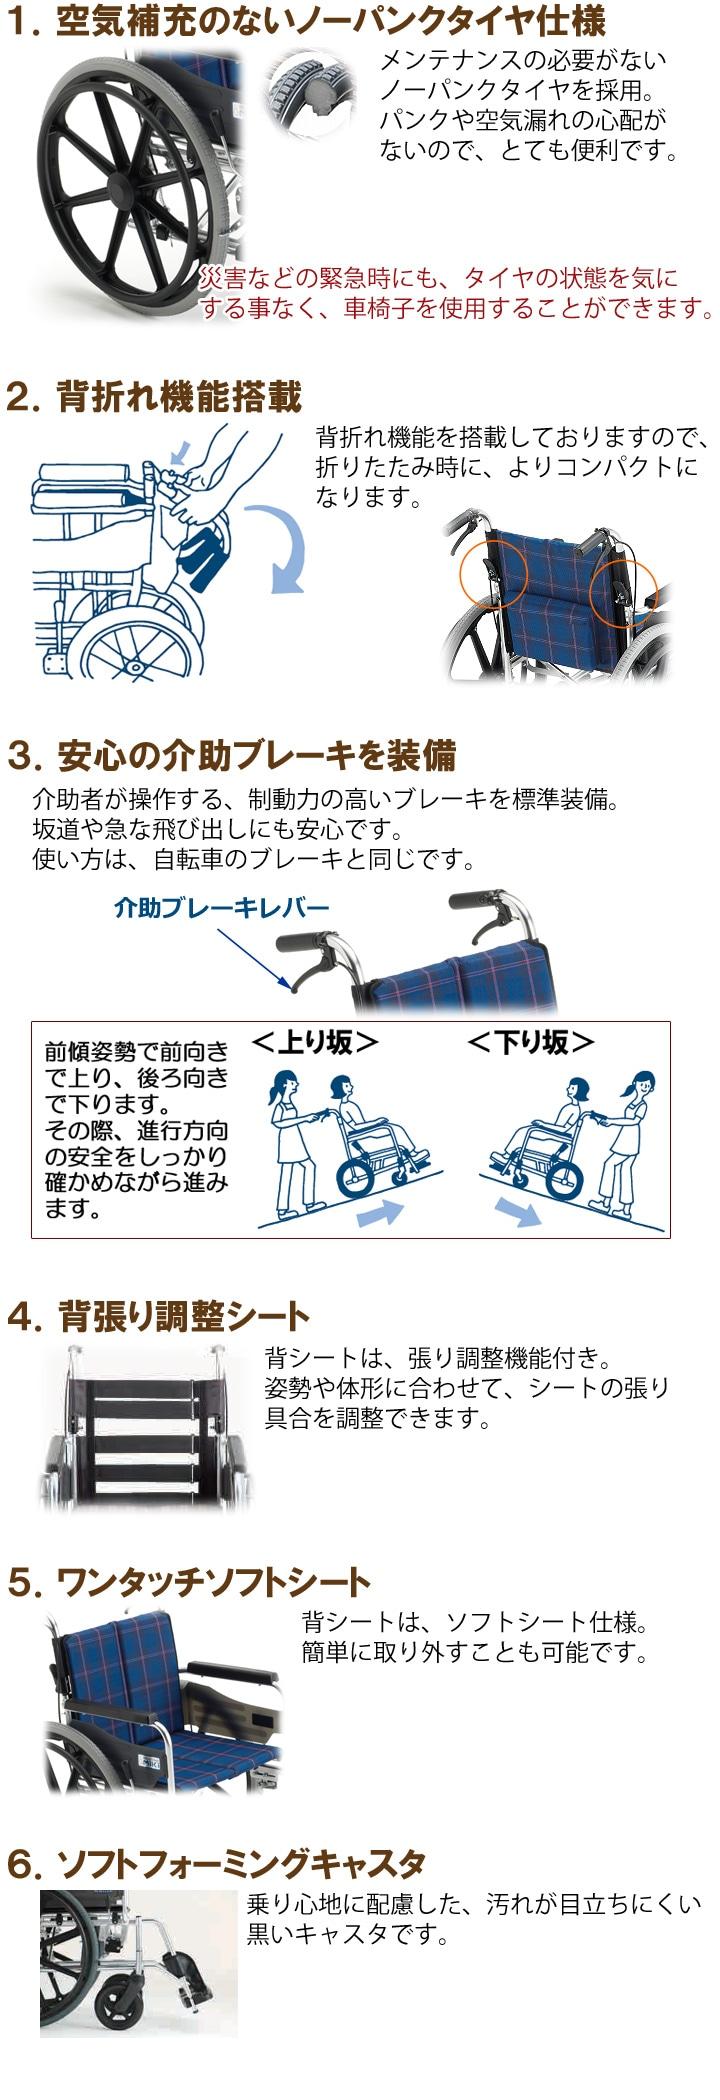 『高床型 自走用ビッグサイズ車いす KJP-2H』の機能説明